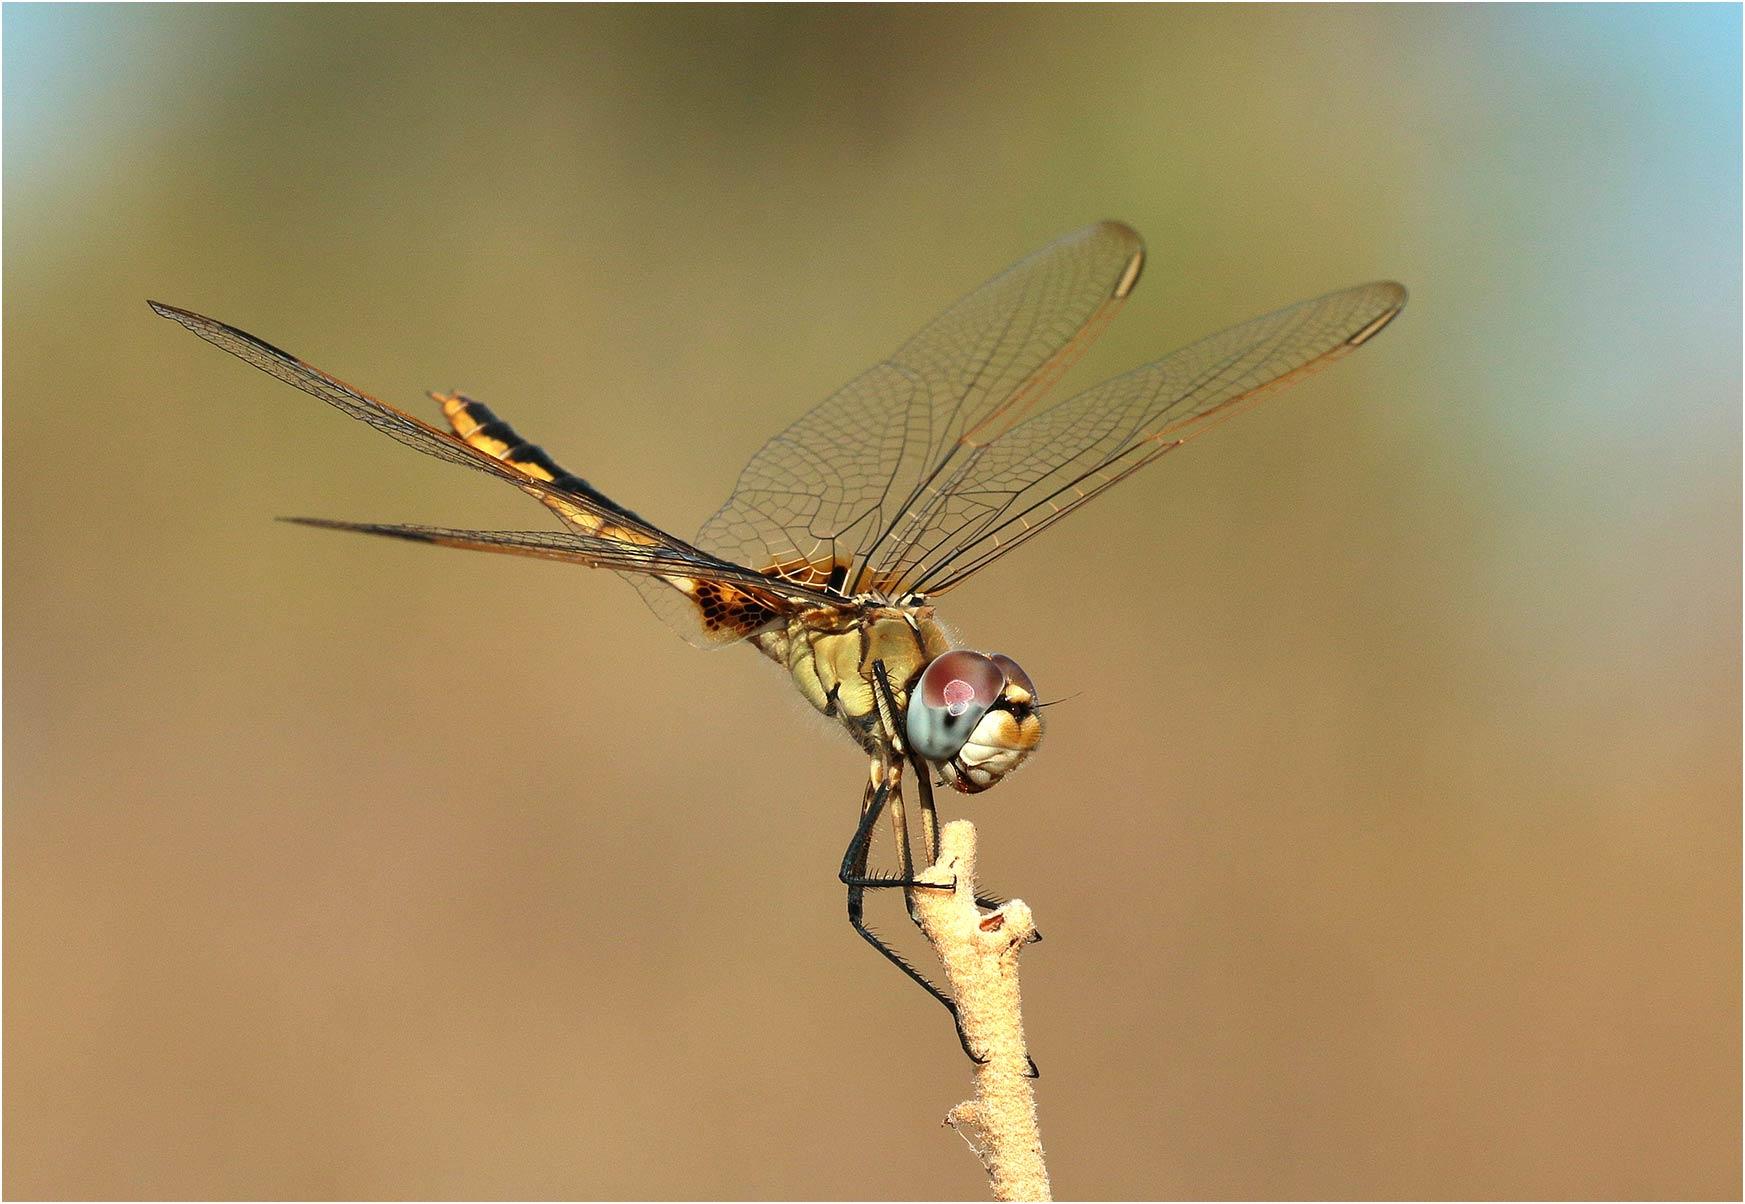 Urothemis edwardsii femelle, Ethiopie, Turmi, 29/10/2018